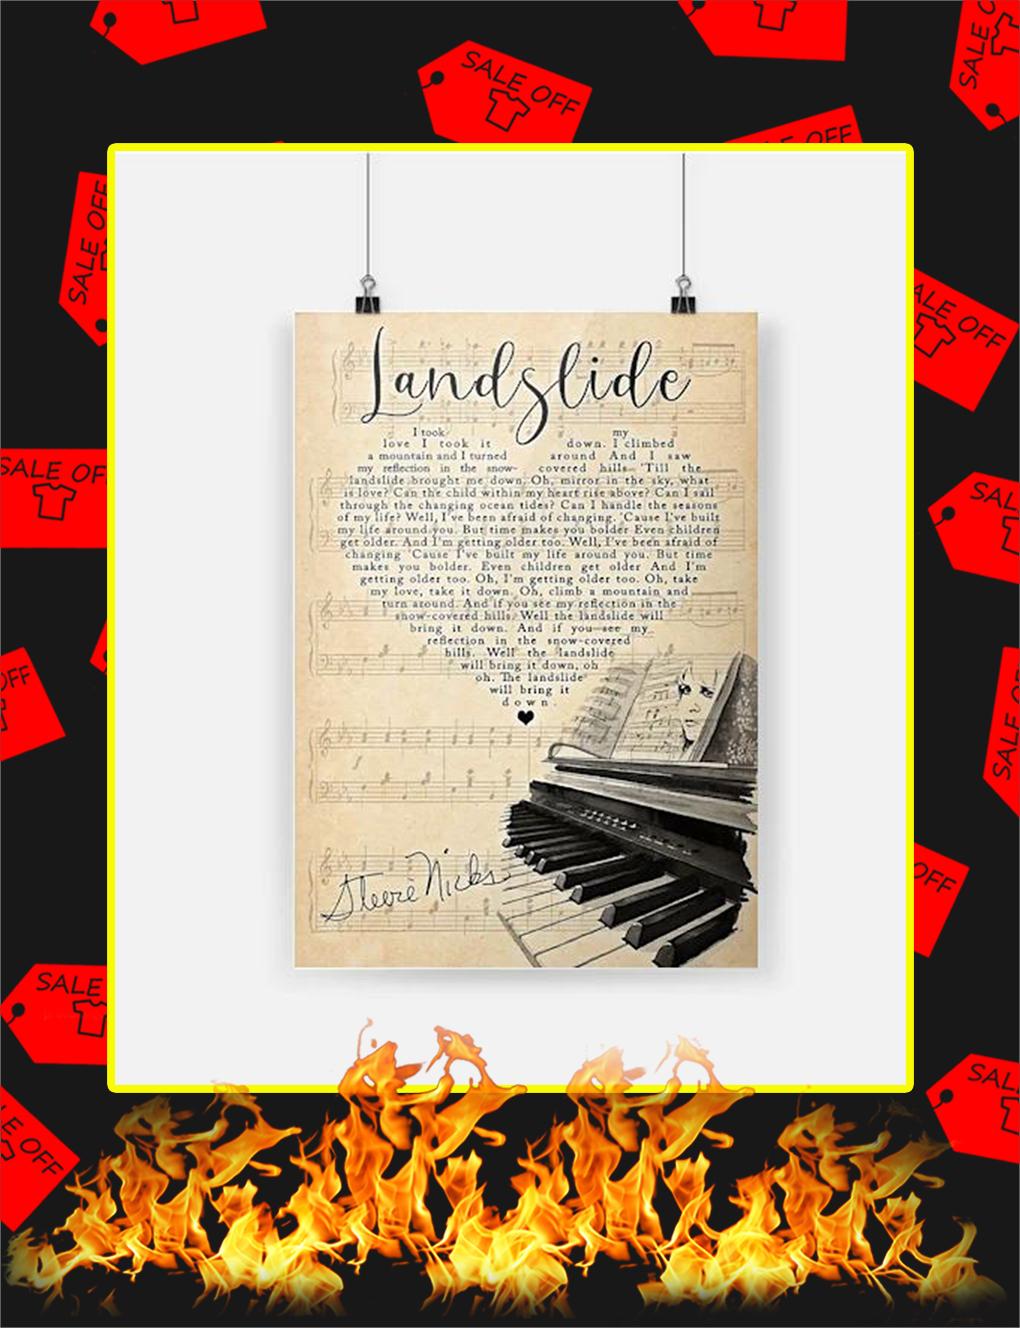 Stevie Nicks Landslide Poster - A4